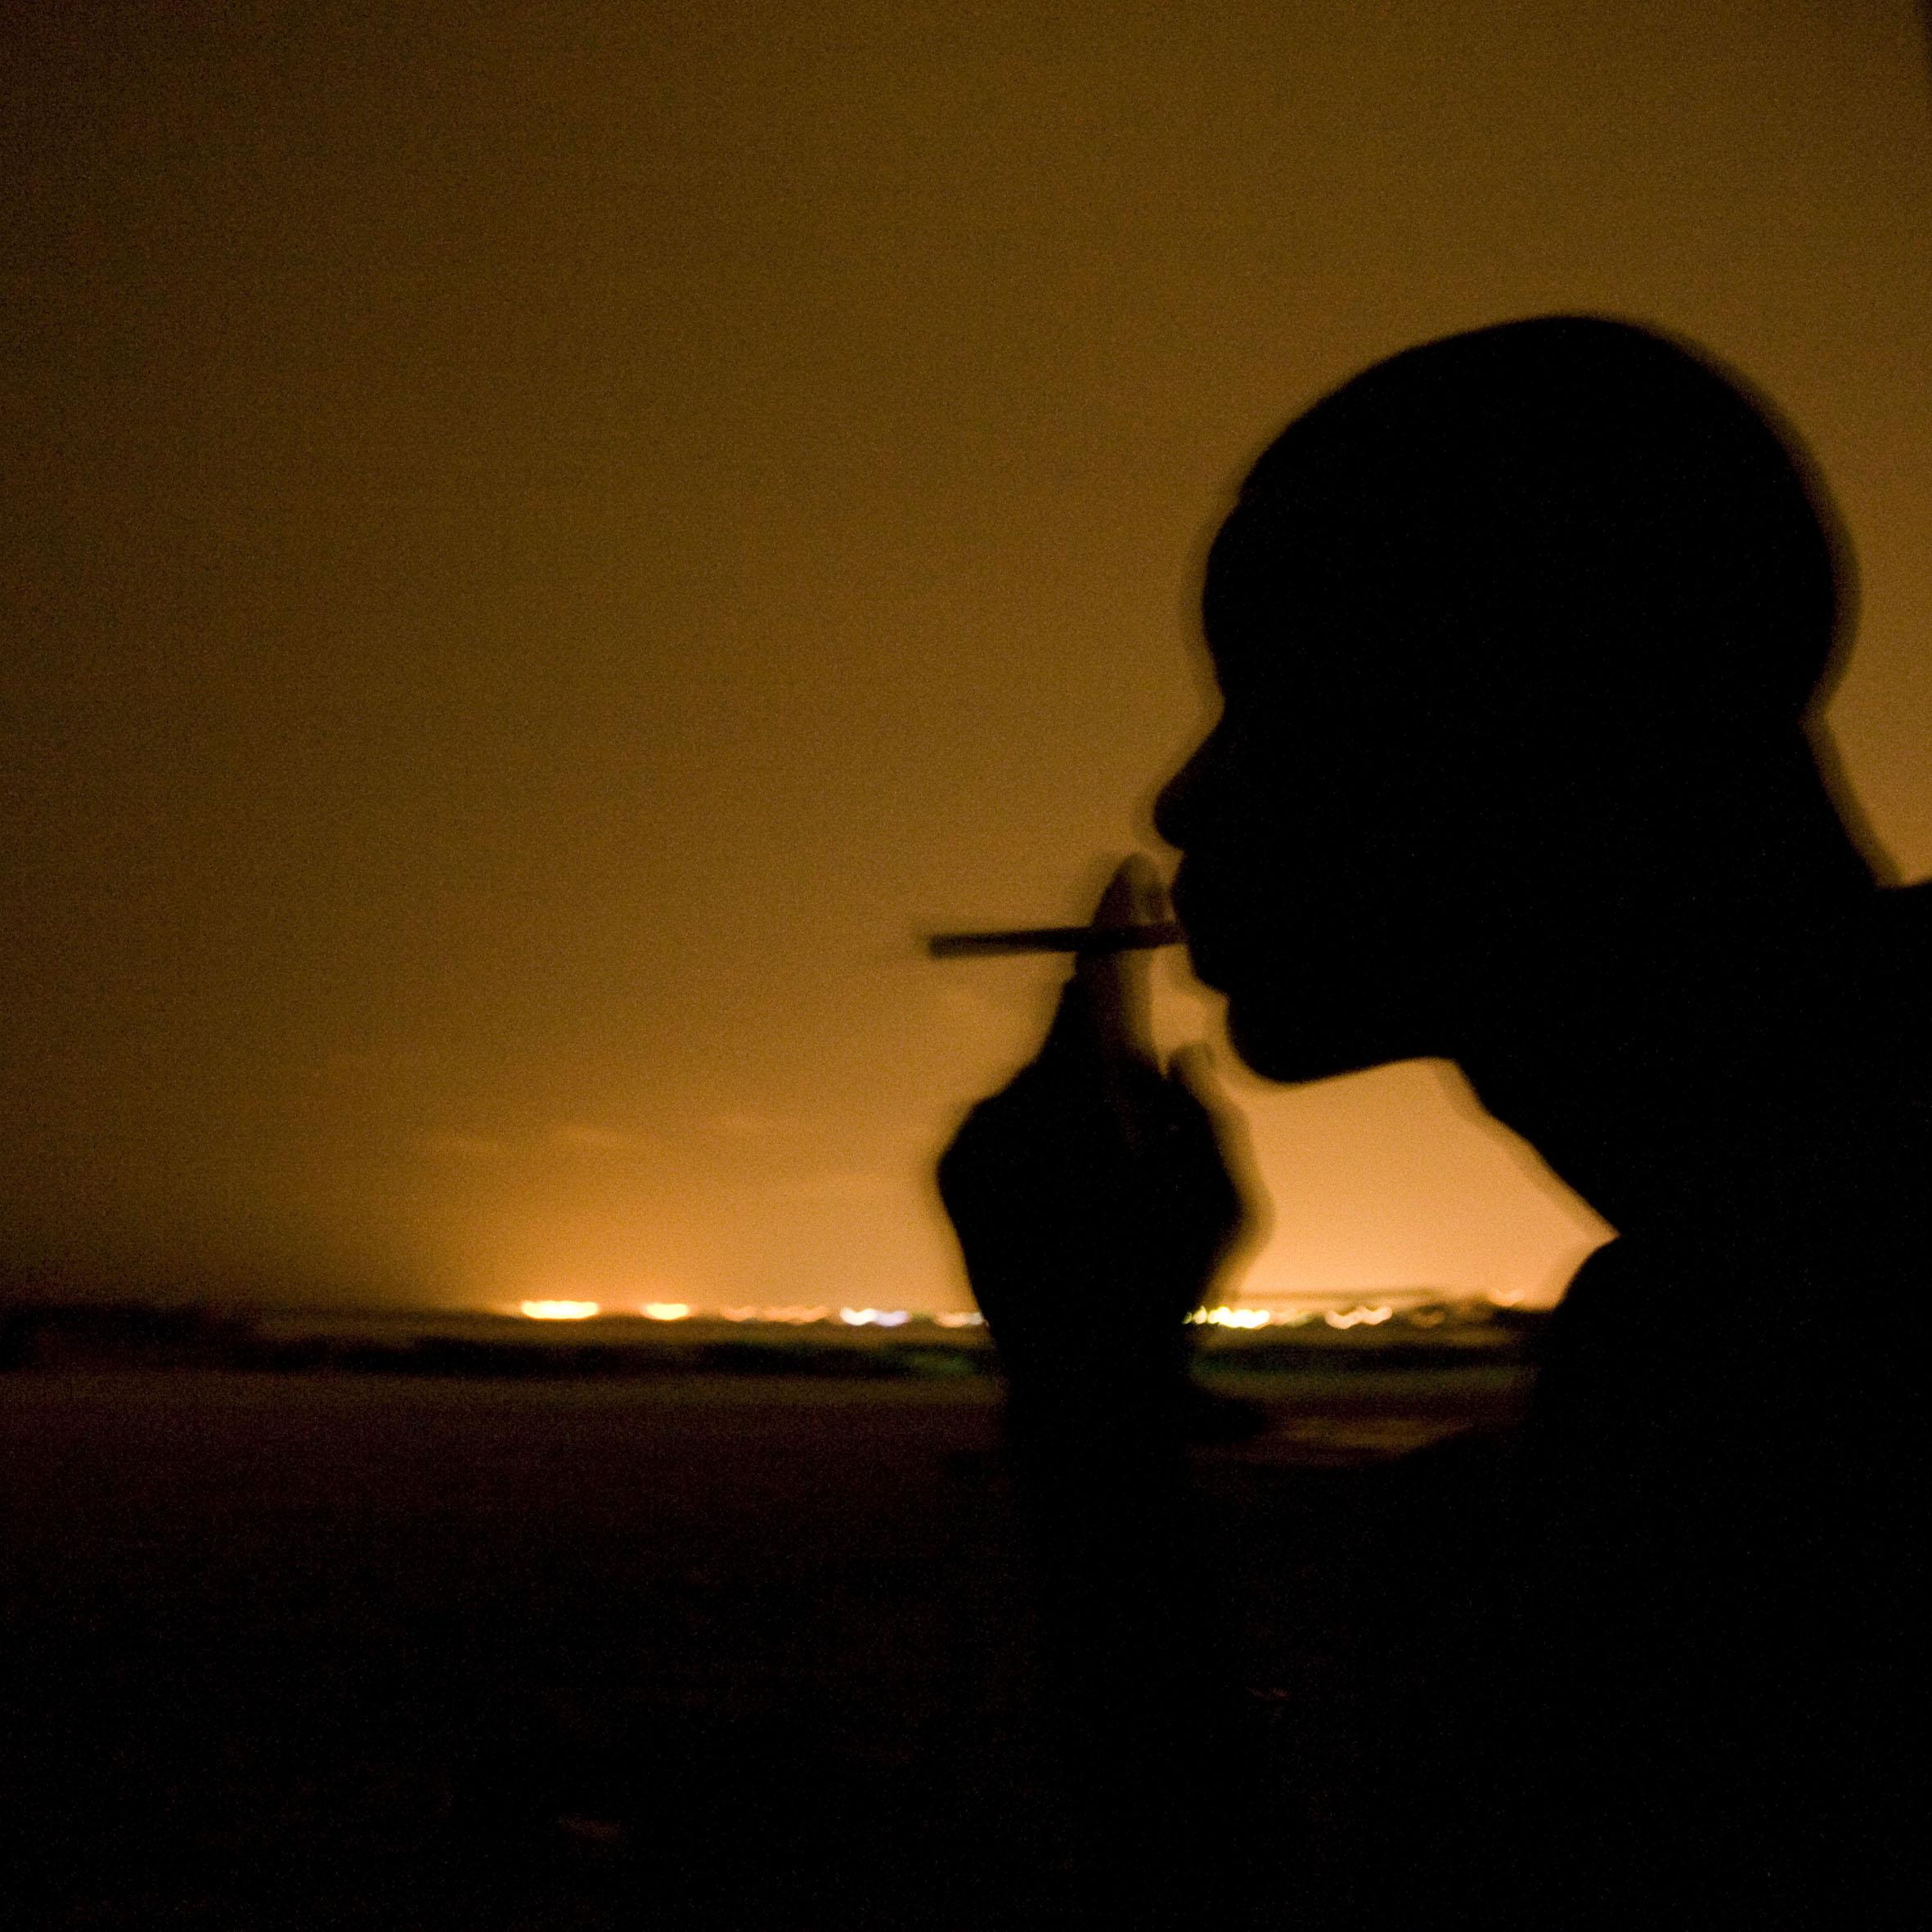 Abdullah, un inmigrante de 33 años procedente de Gambia, ya ha reunido el dinero para su pasaje marítimo a Europa. Espera el momento adecuado para su salida, ya que fue detenido en sus dos anteriores intentos desde Marruecos. Era trabajador de la construcción en su país. Tiene una familia numerosa en Gambia a la que pretende enviar dinero cuando llegue a España. Se siente fuerte y espera conseguir la travesía. Dice que solo lleva sus cigarrillos. Los intermediarios que organizan la embarcación y el patrón se encargarán de todo lo demás. Se supone que en el barco viajarán 26 senegaleses, 1 nigeriano y 5 gambianos.